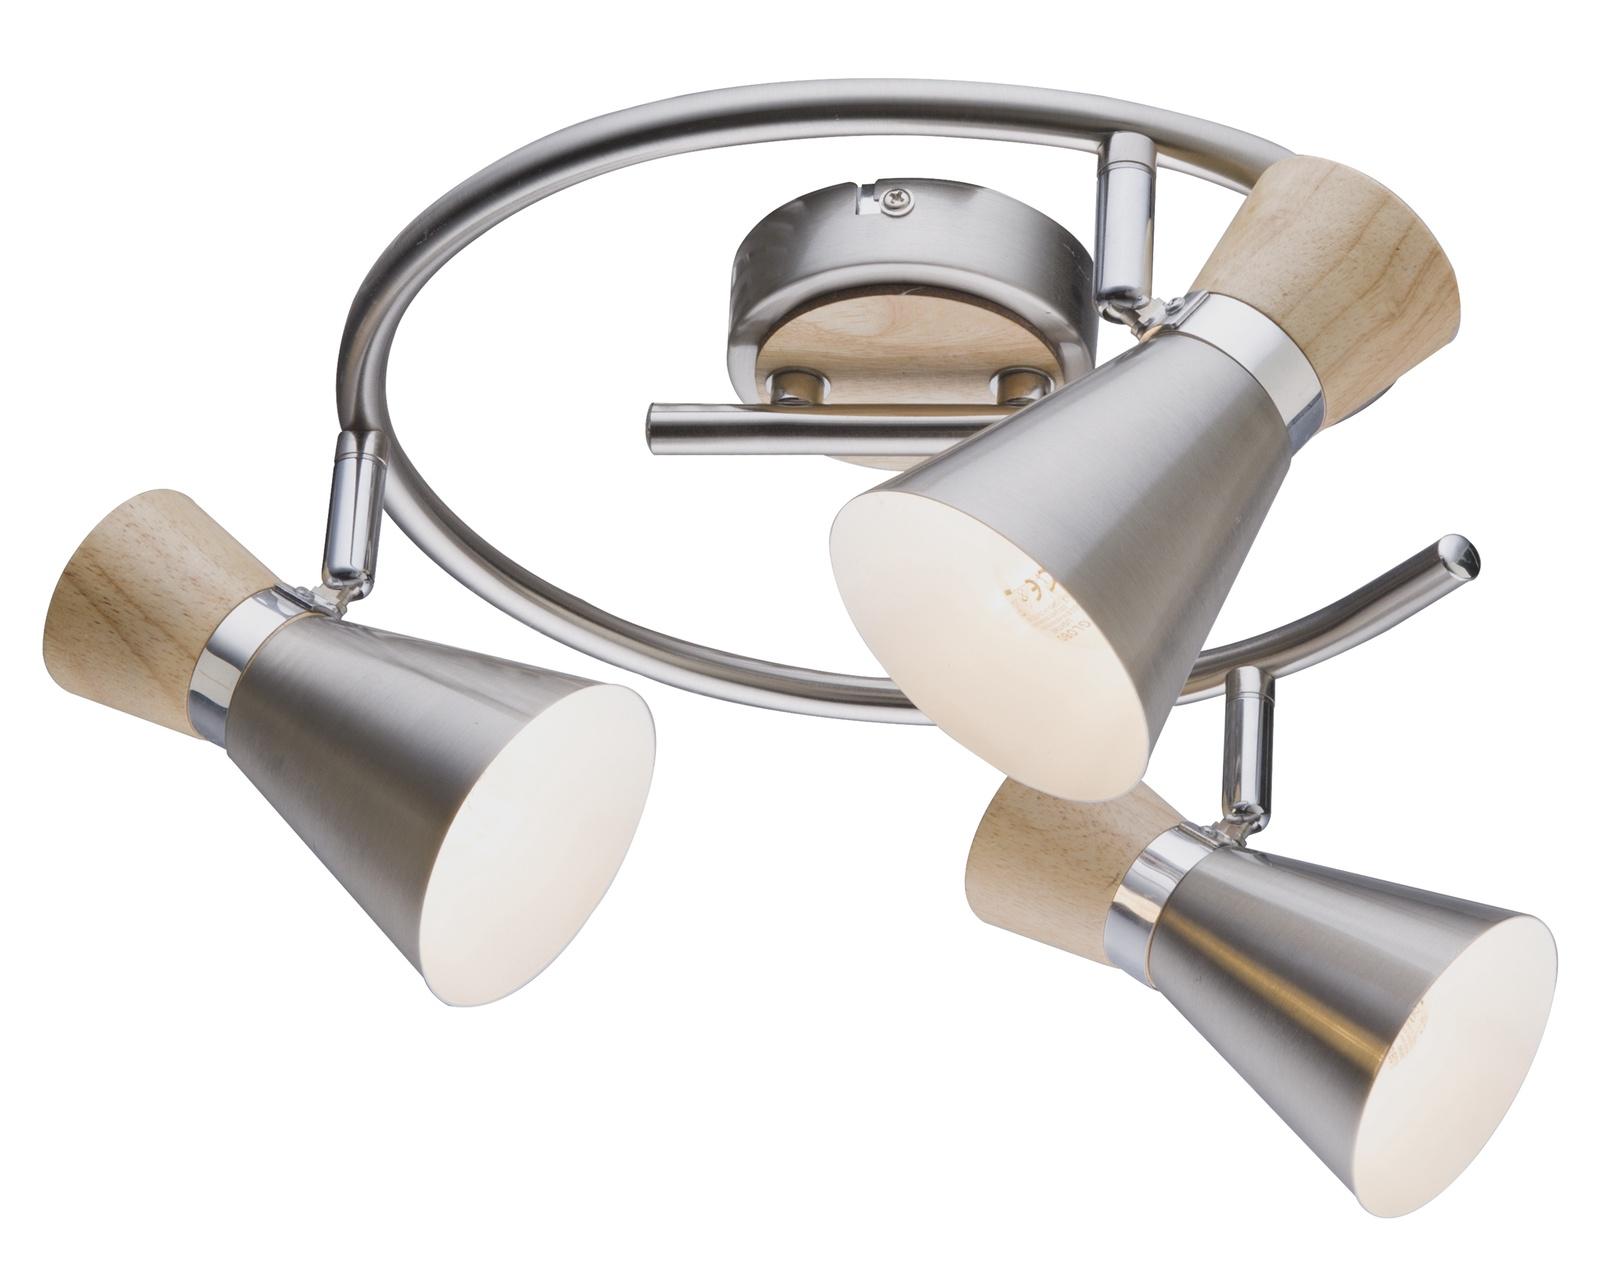 Настенно-потолочный светильник Globo Aeron, серый потолочный светильник globo ugo серый